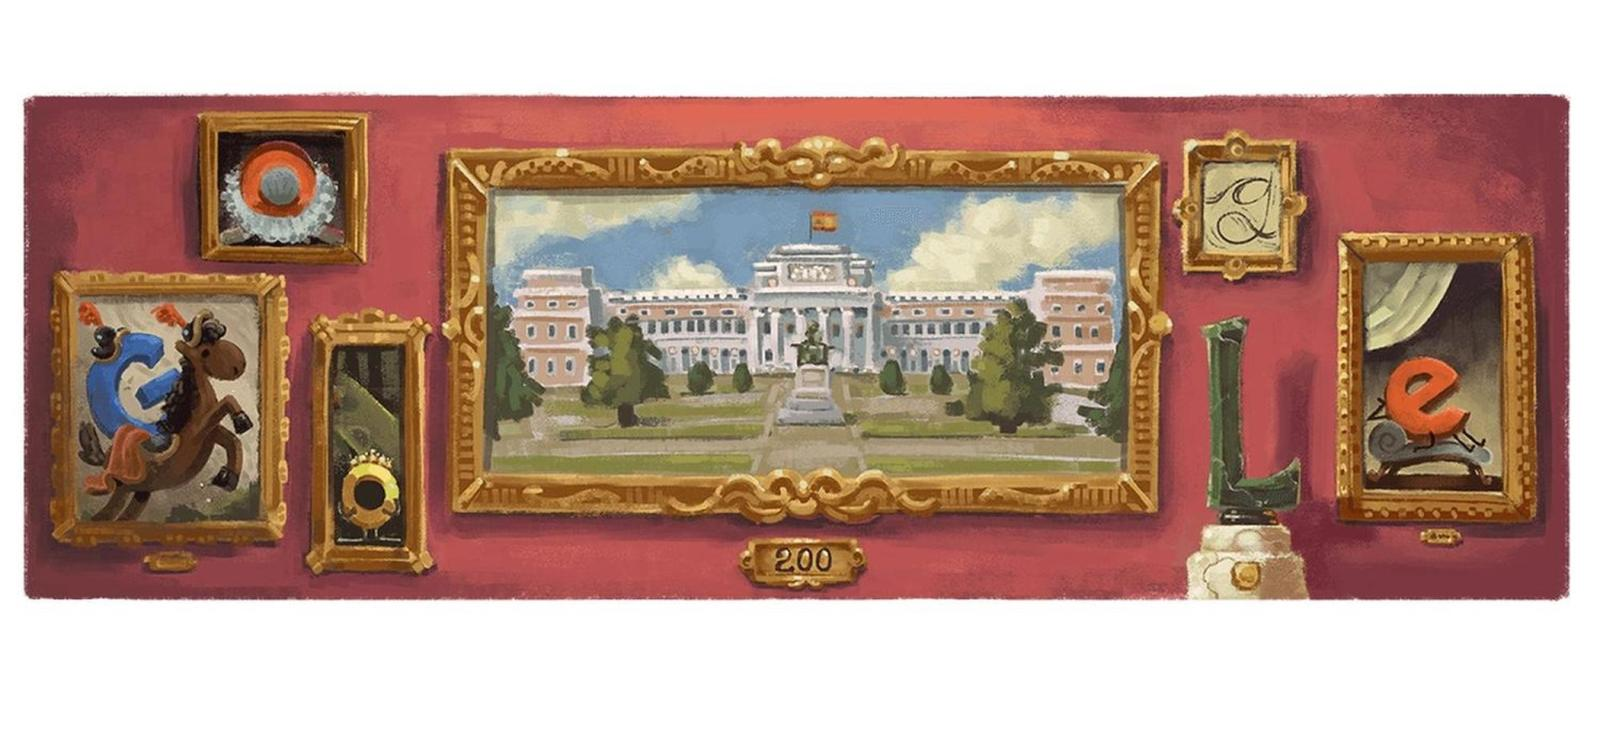 museo del prado 200 jahrestag google doodle